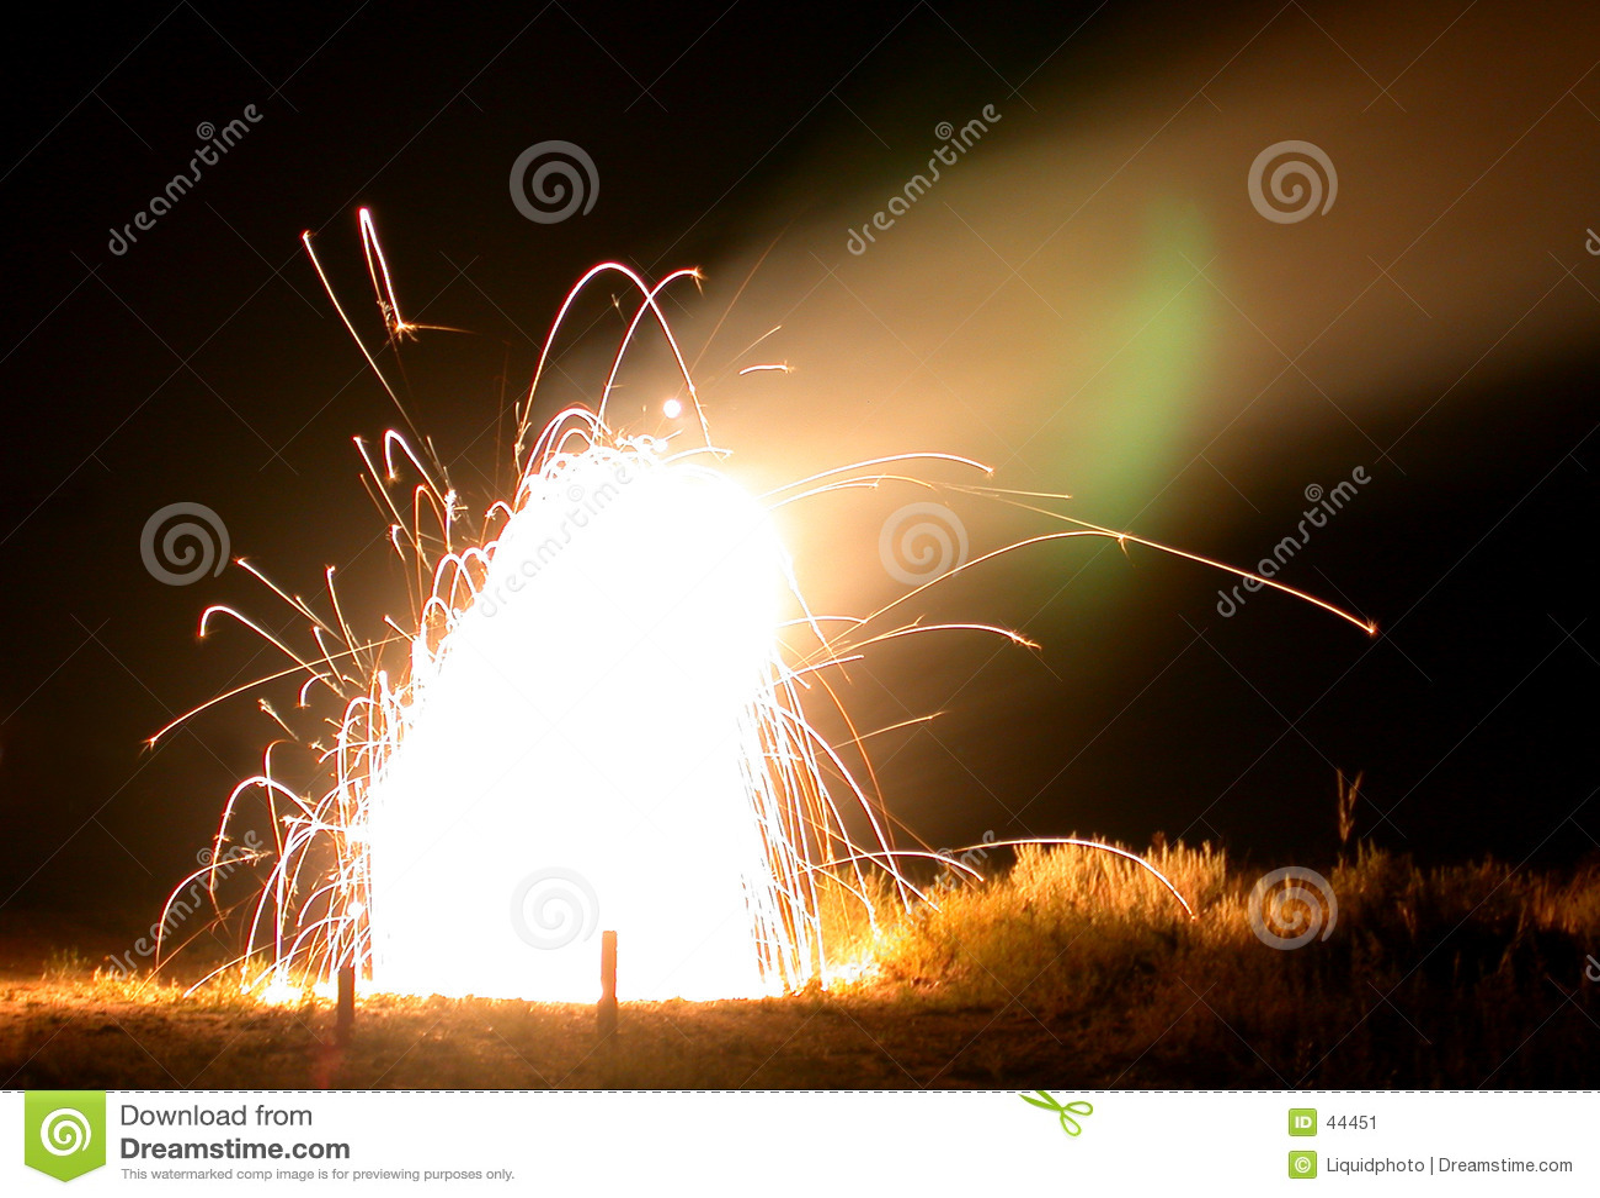 Download De Explosie Van Het Vuurwerk Stock Afbeelding - Afbeelding bestaande uit uitbarsting, pyre: 44451